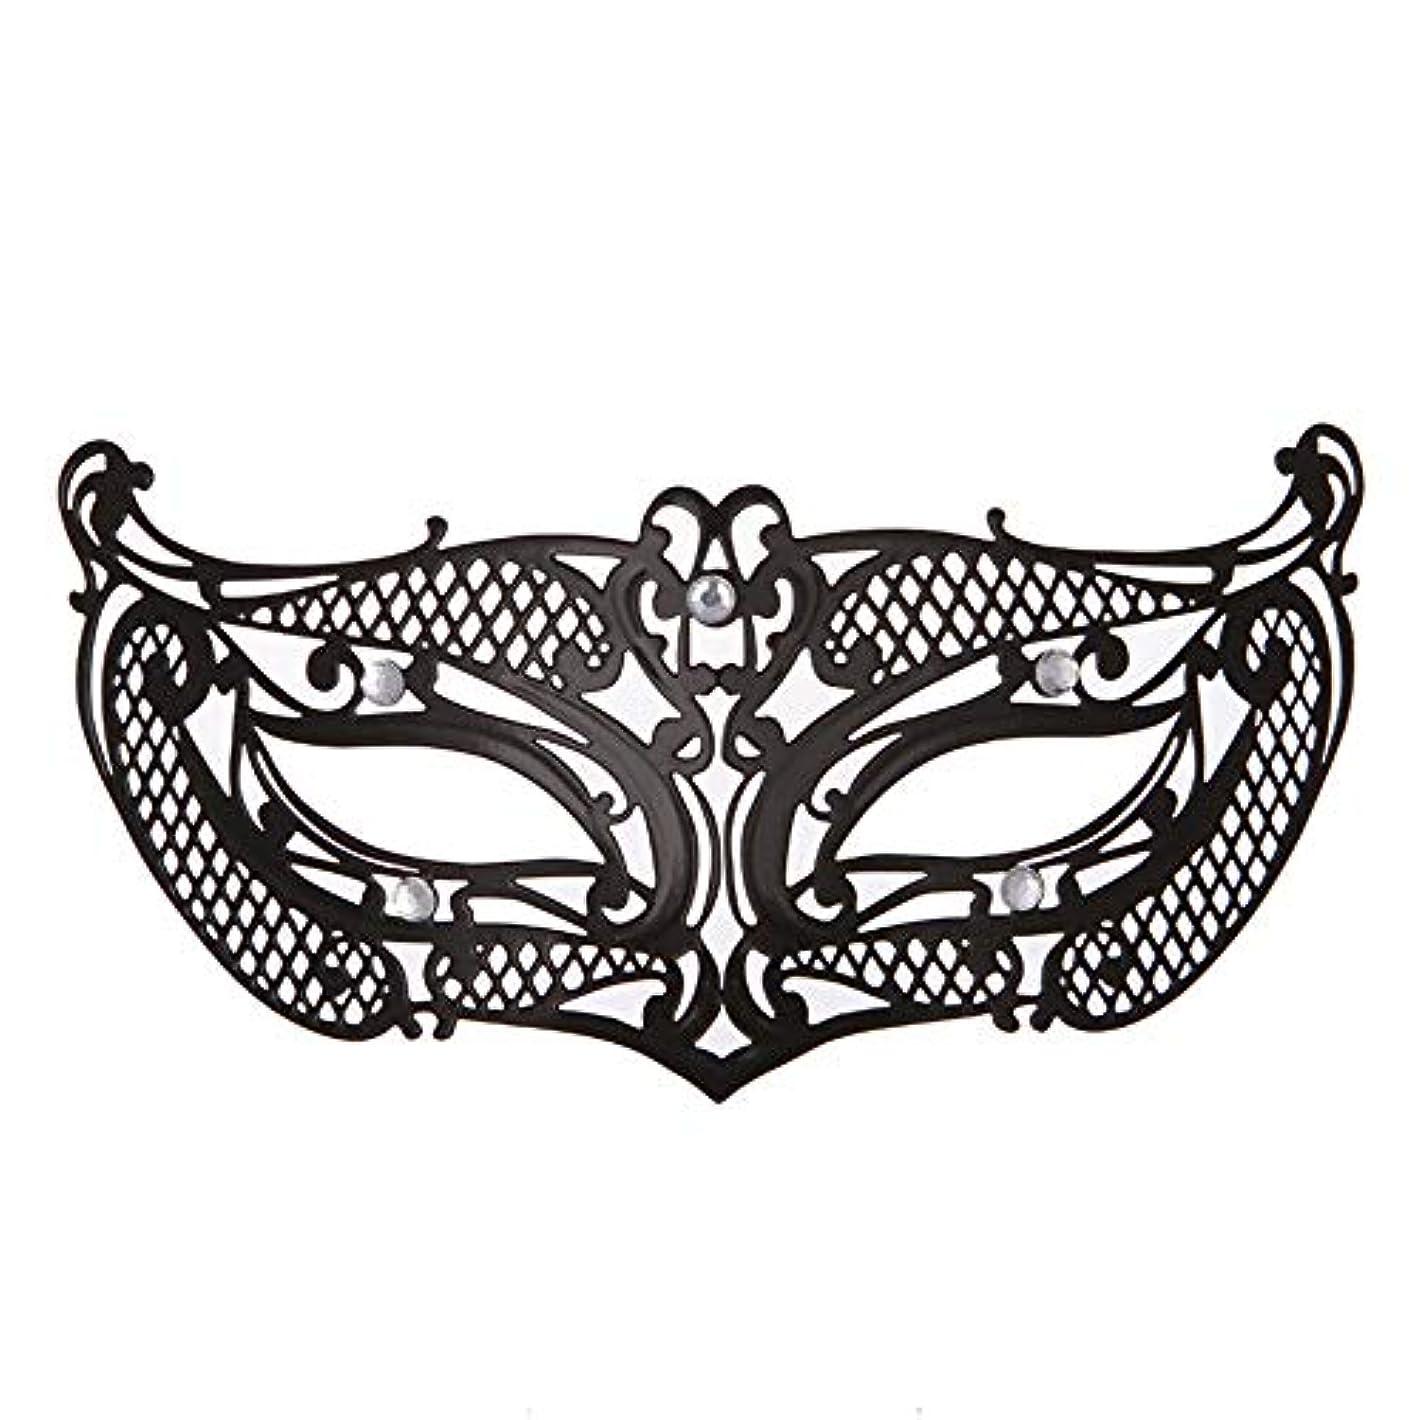 美しいミケランジェロ儀式ダンスマスク アイアンメタリックレースとダイヤモンドハーフマスクハロウィンダンスマスクナイトクラブボールマスクコスプレパーティーハロウィンマスク パーティーマスク (色 : ブラック, サイズ : 19x8cm)